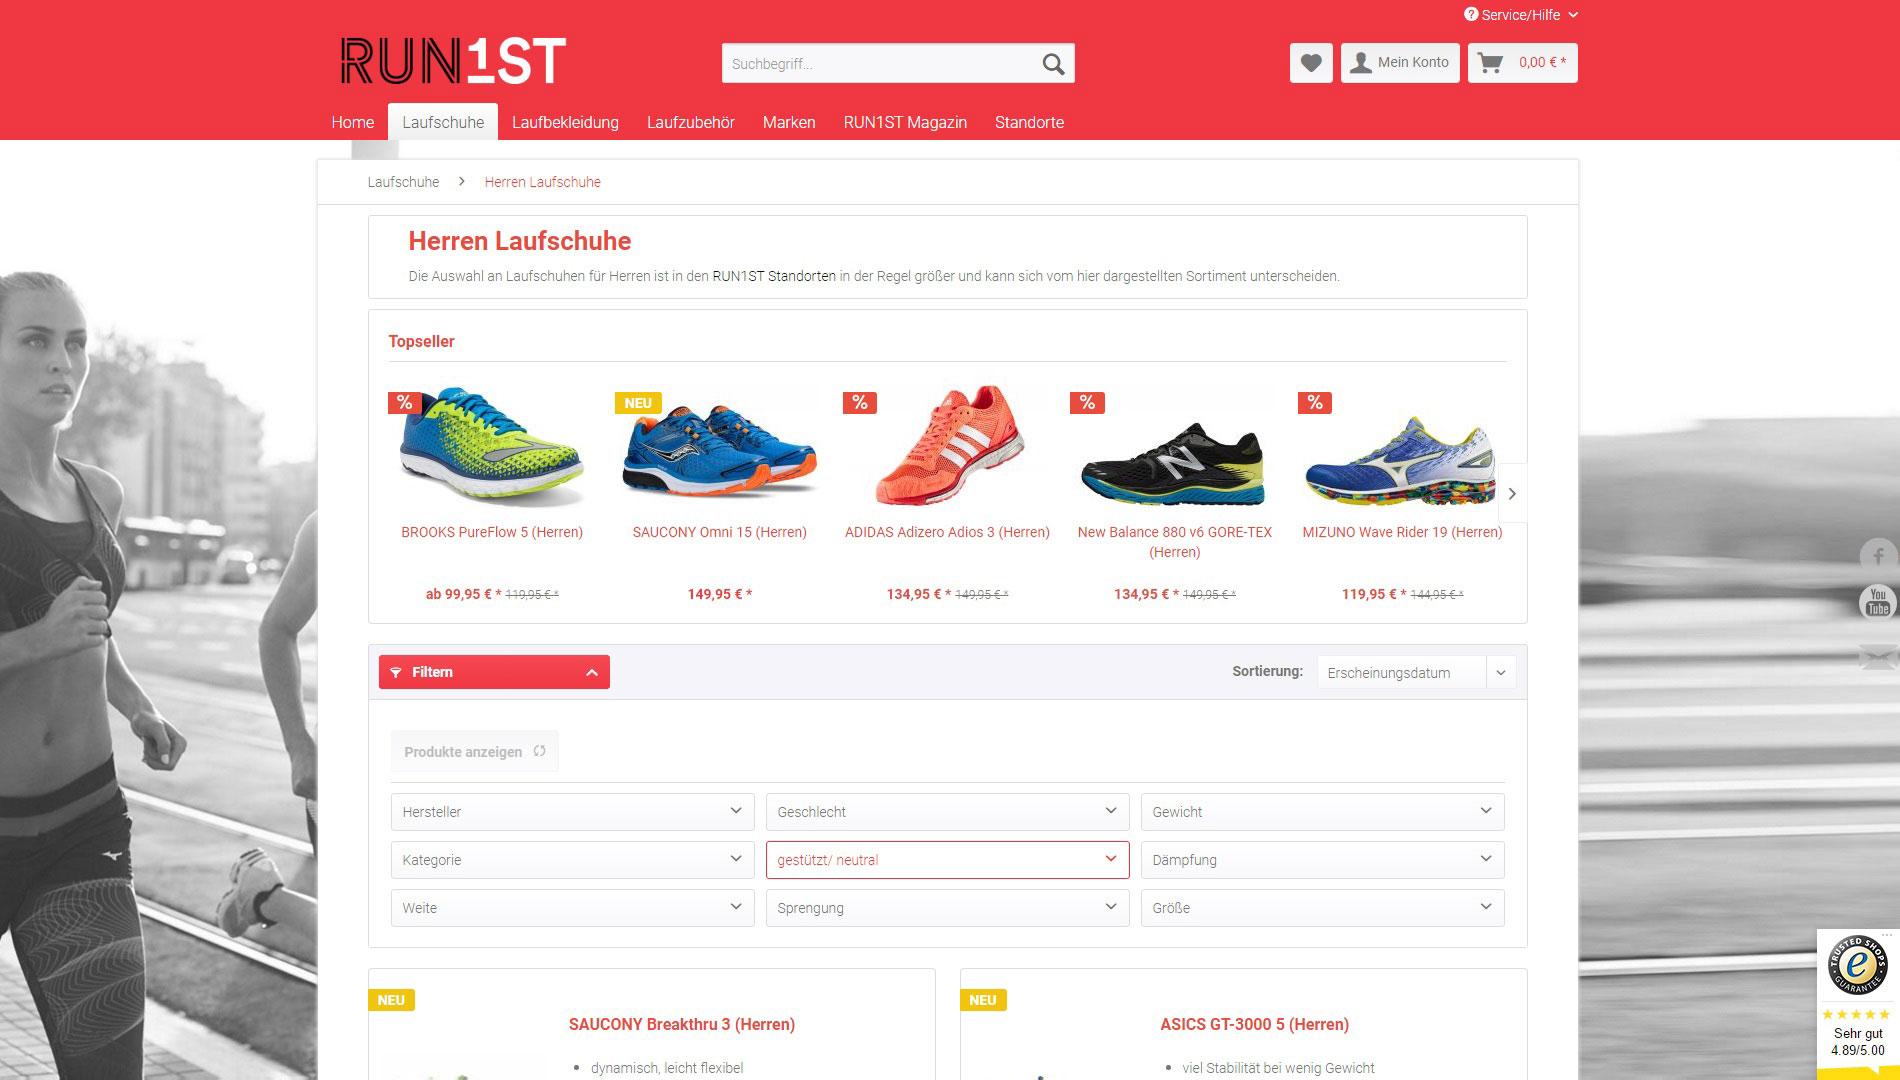 run1st-produktfilter